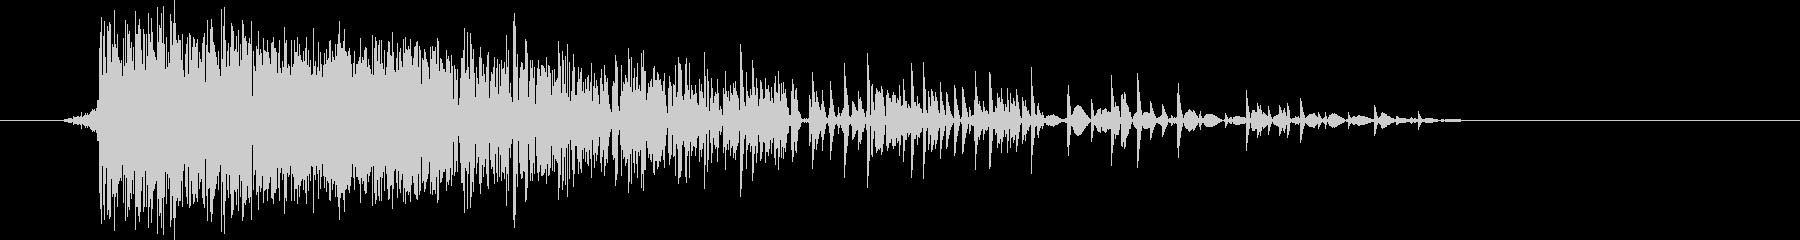 ゲーム(ファミコン風)爆発音_038の未再生の波形